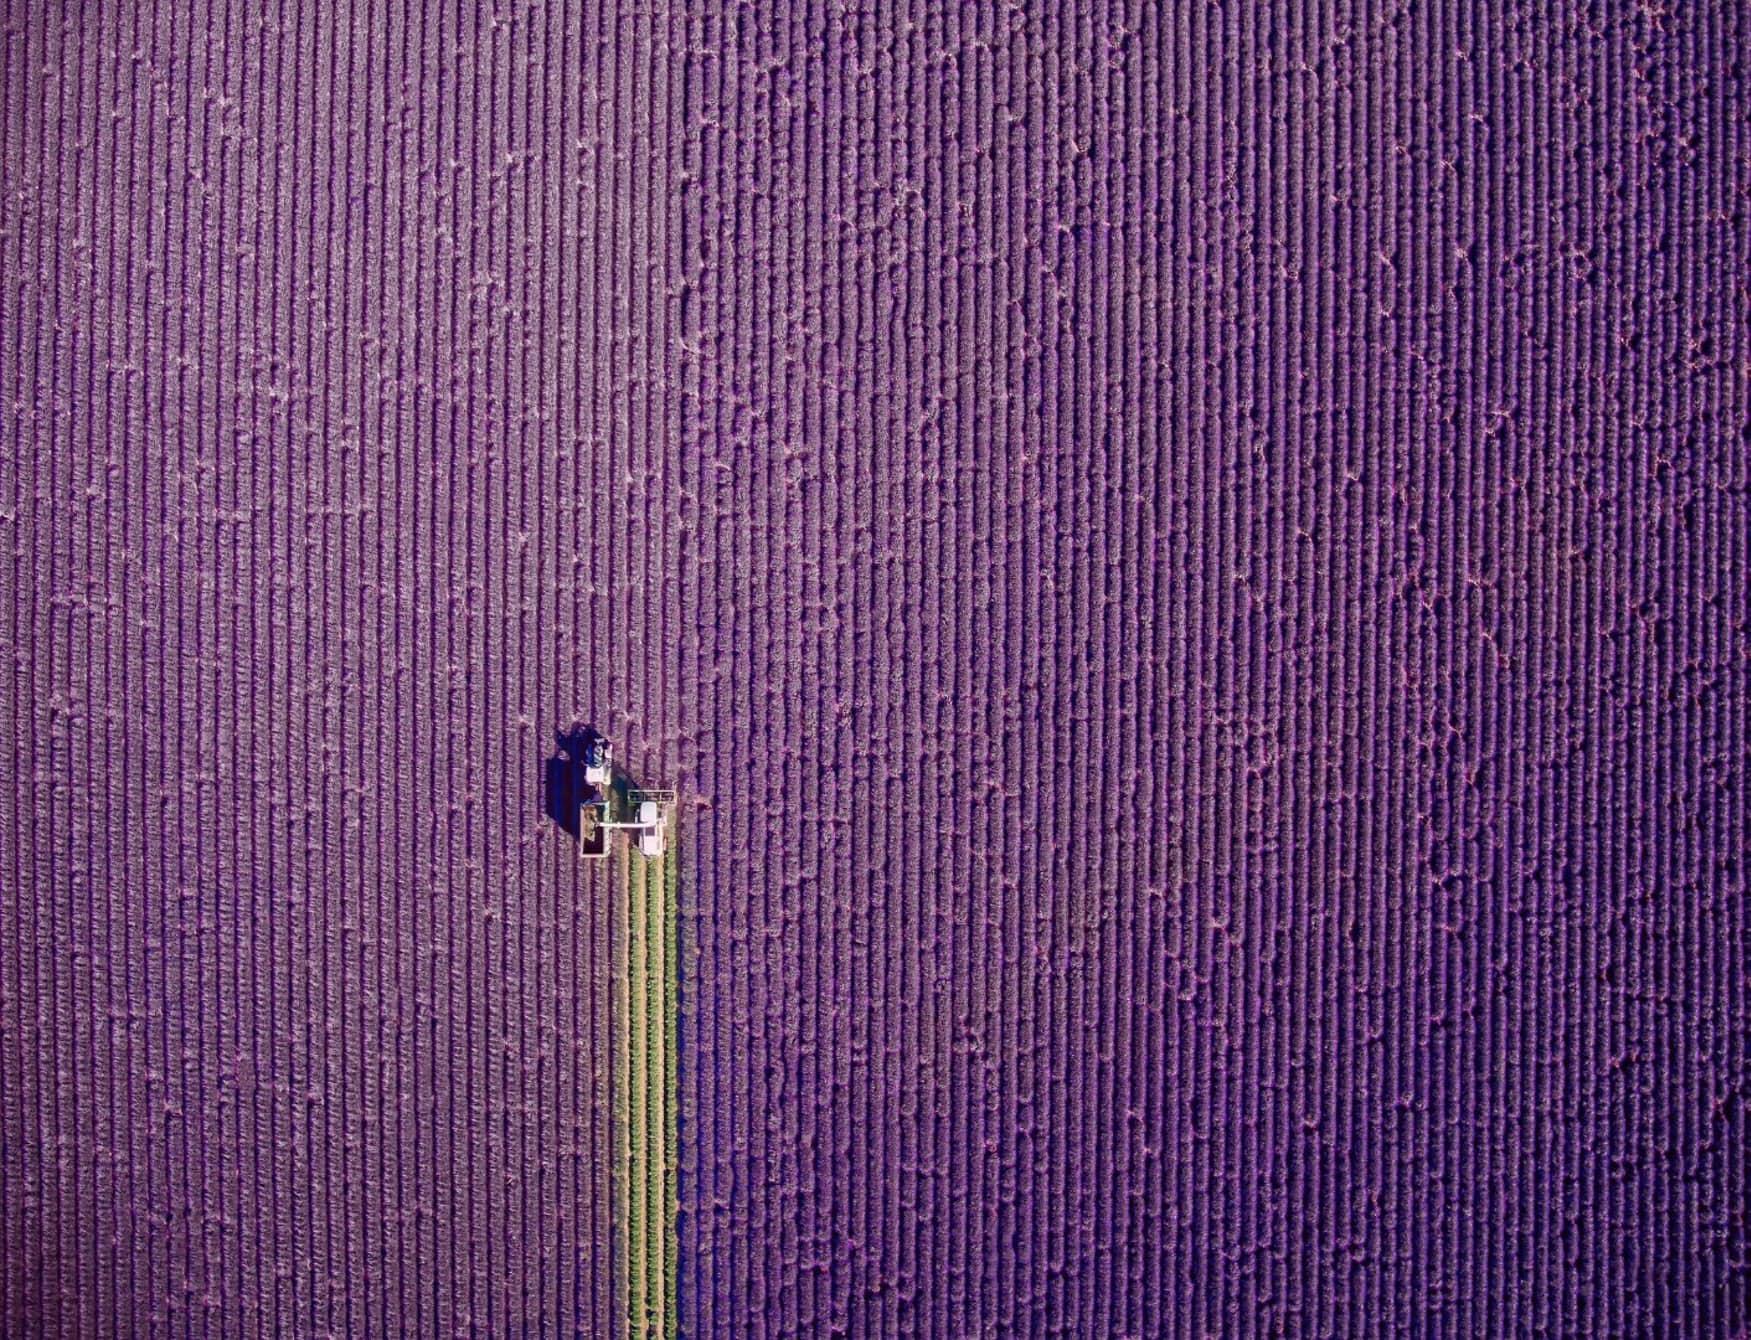 Cánh đồng lavender của Pháp (ảnh: jcourtial))